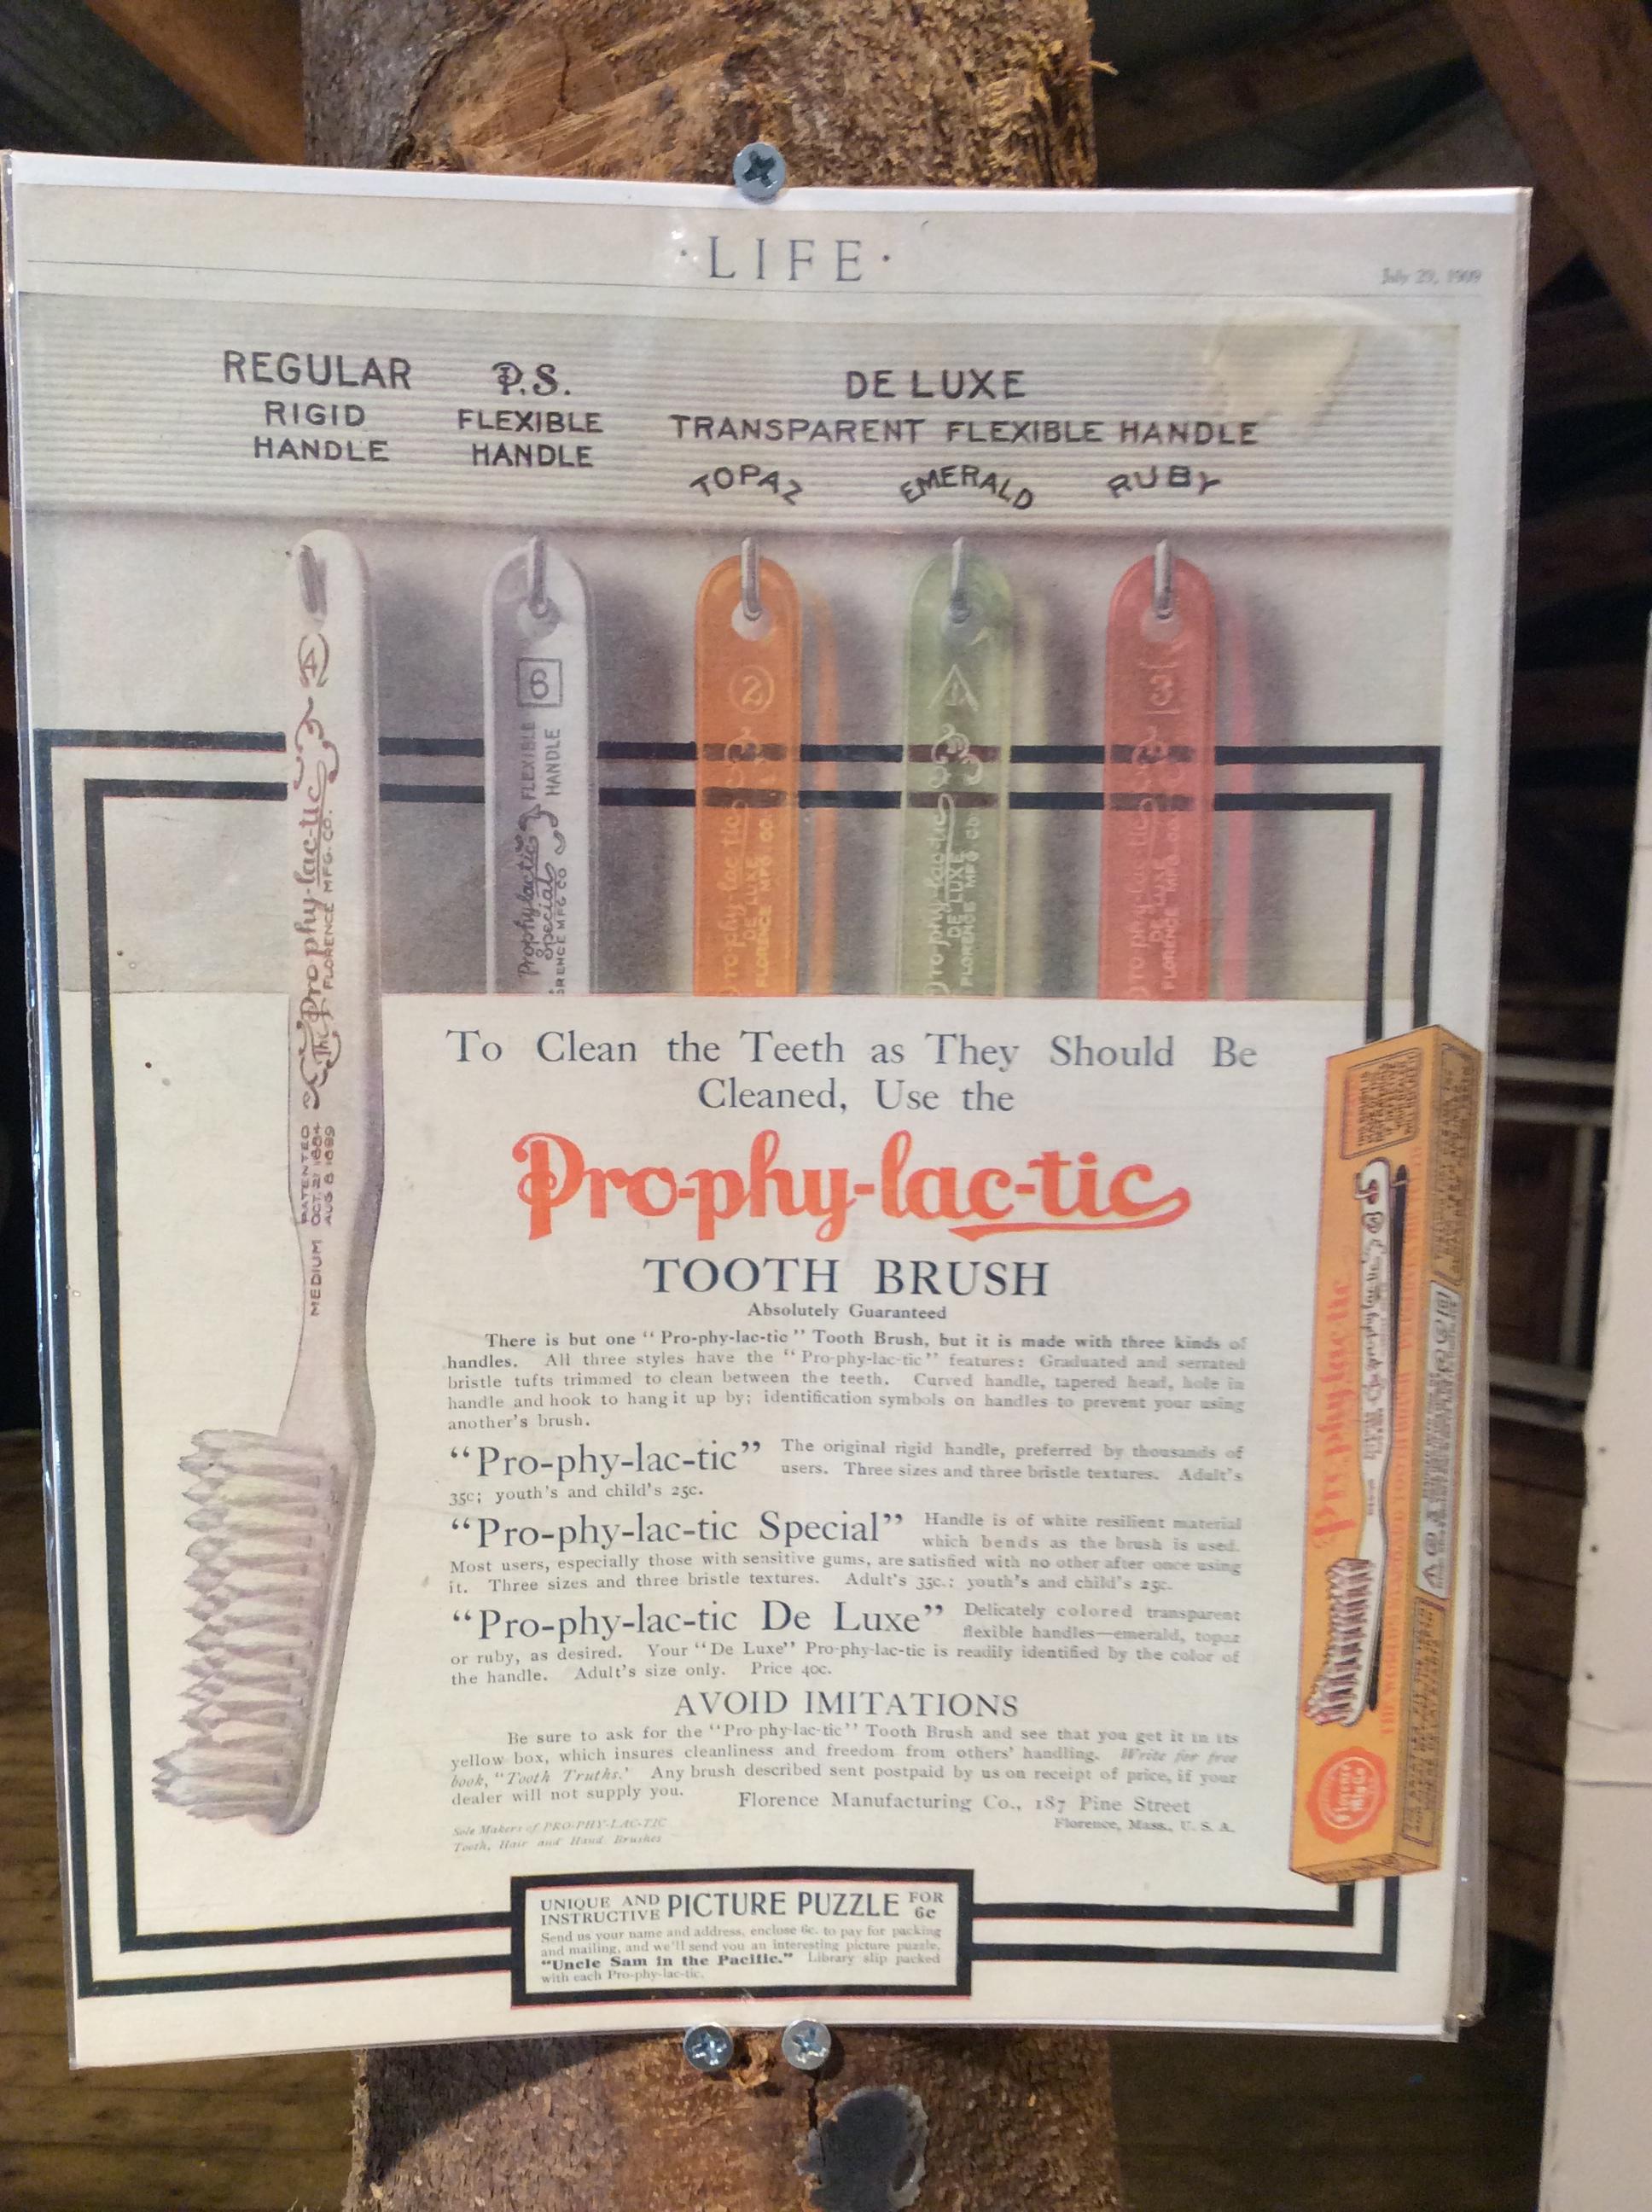 Prohpylactic